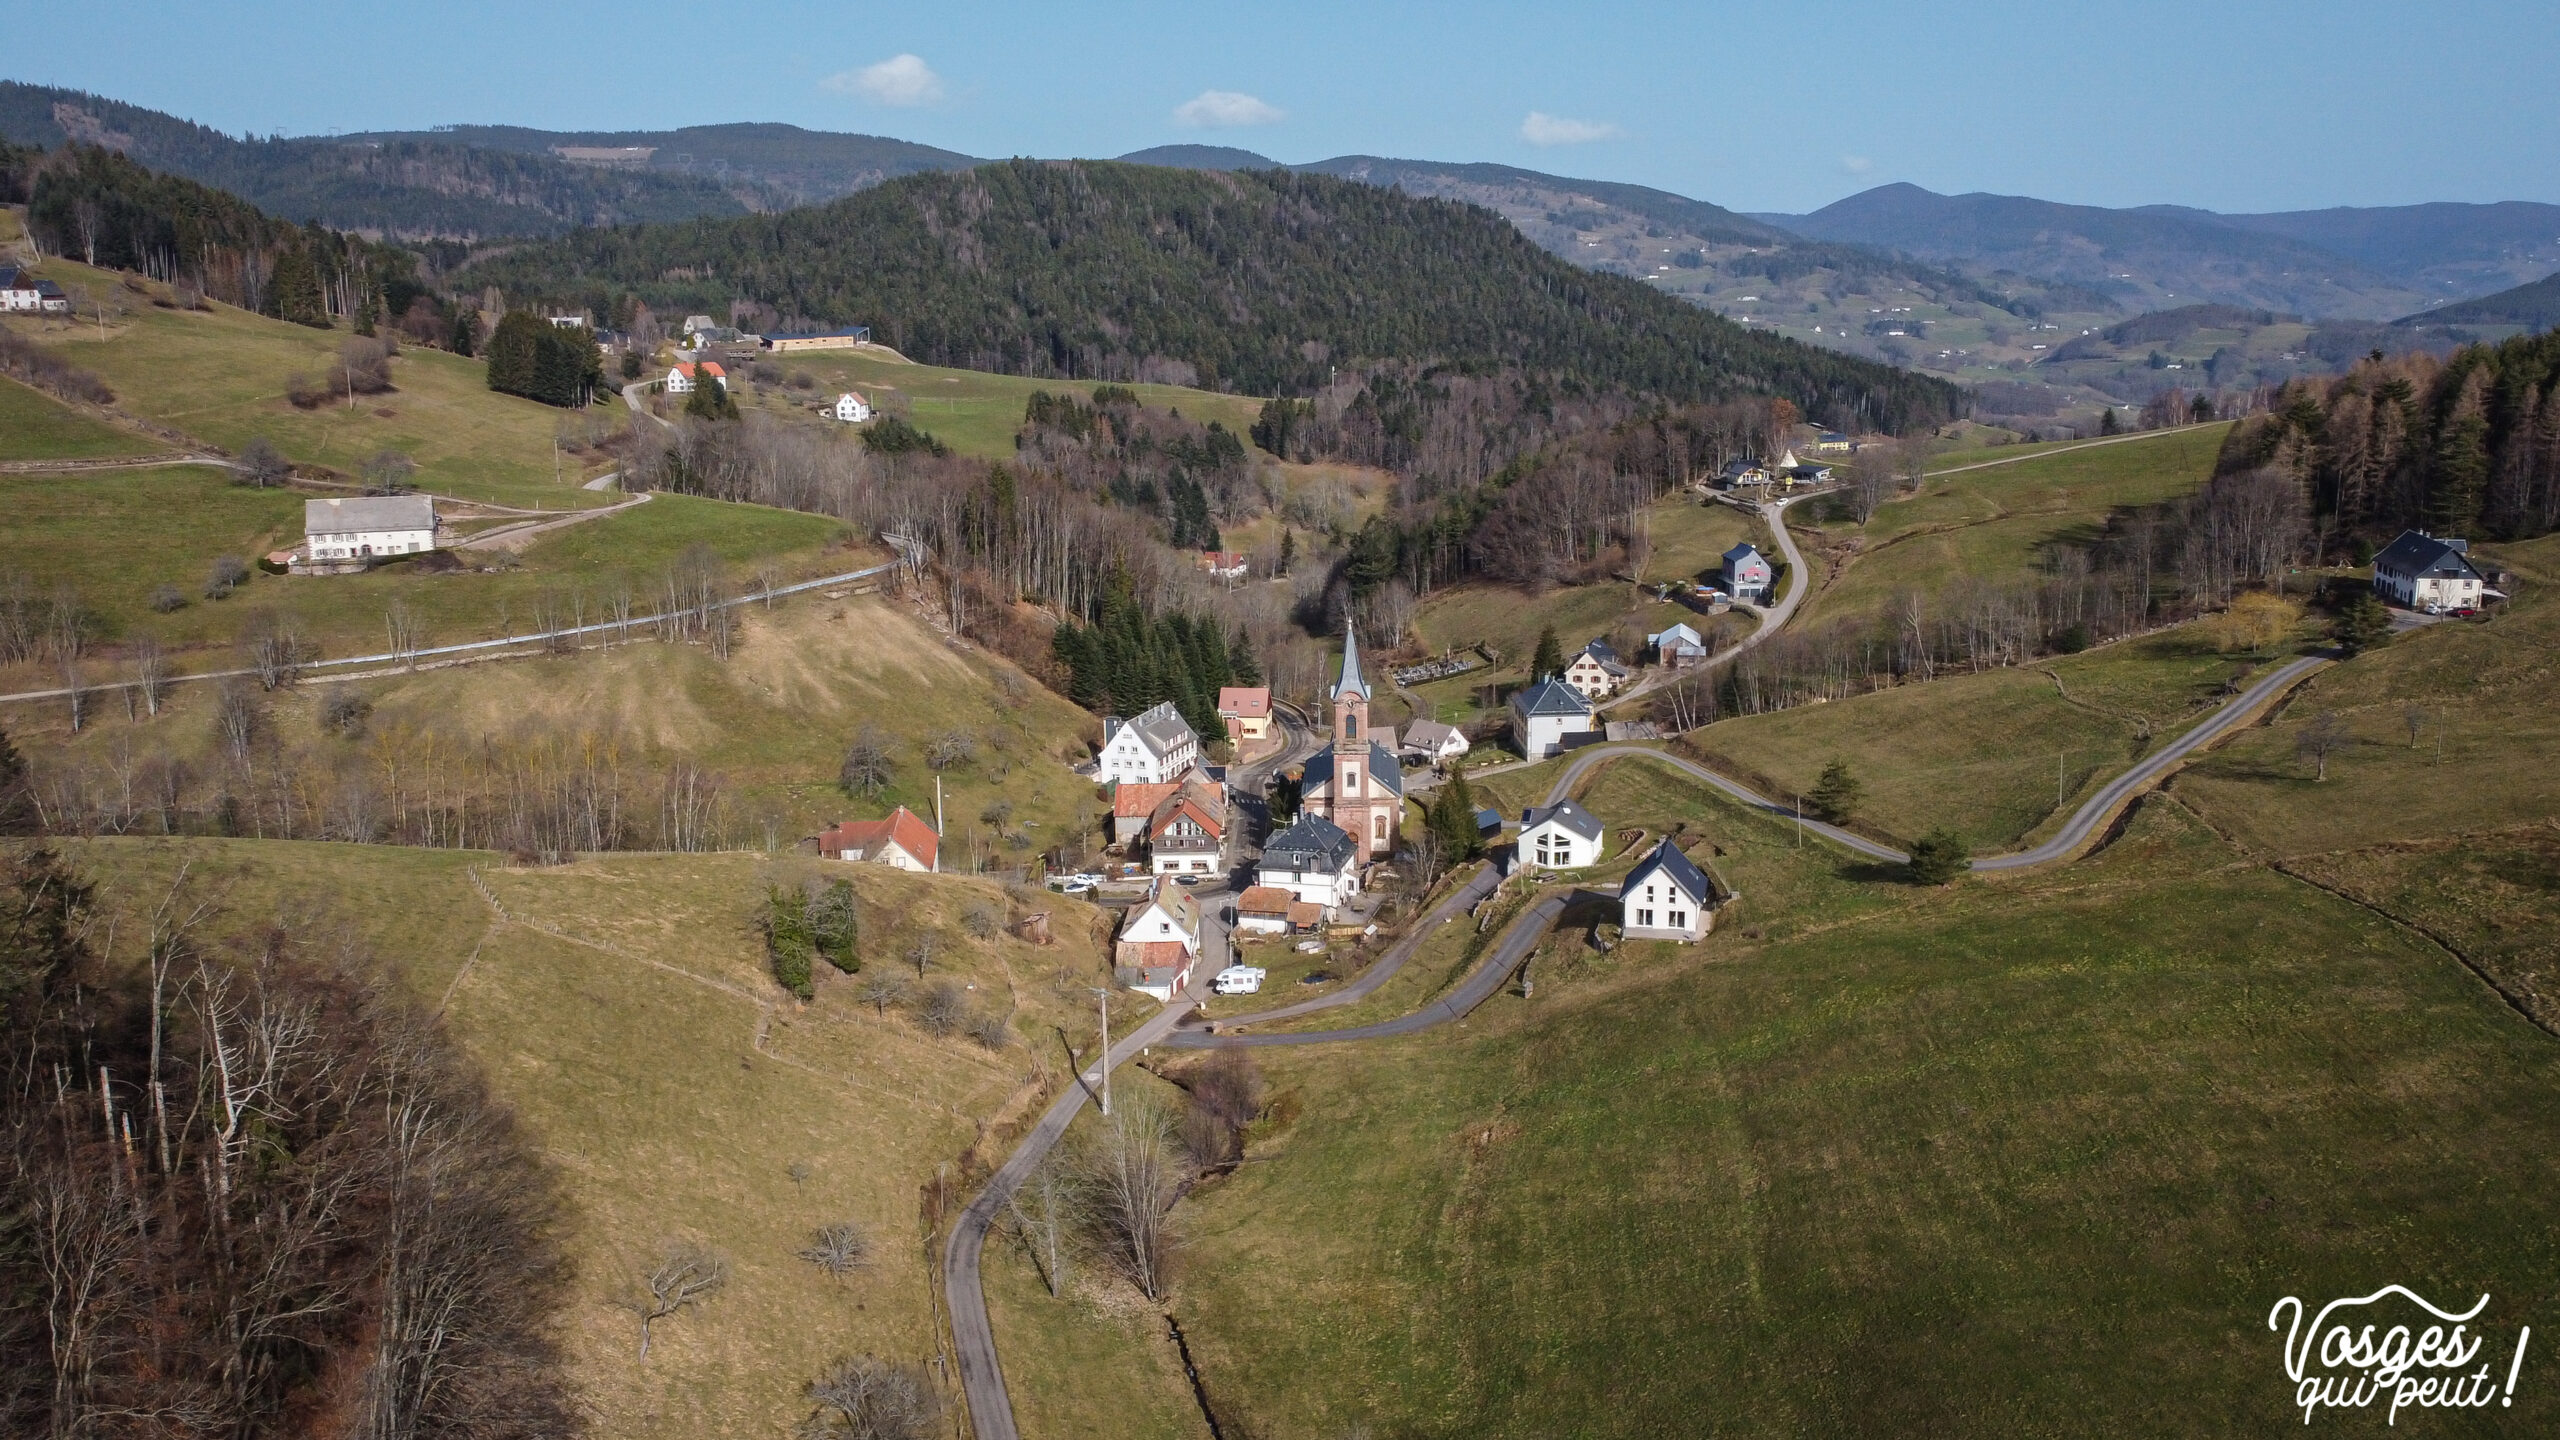 Vue aérienne des Basses Huttes pendant une randonnée dans les Vosges